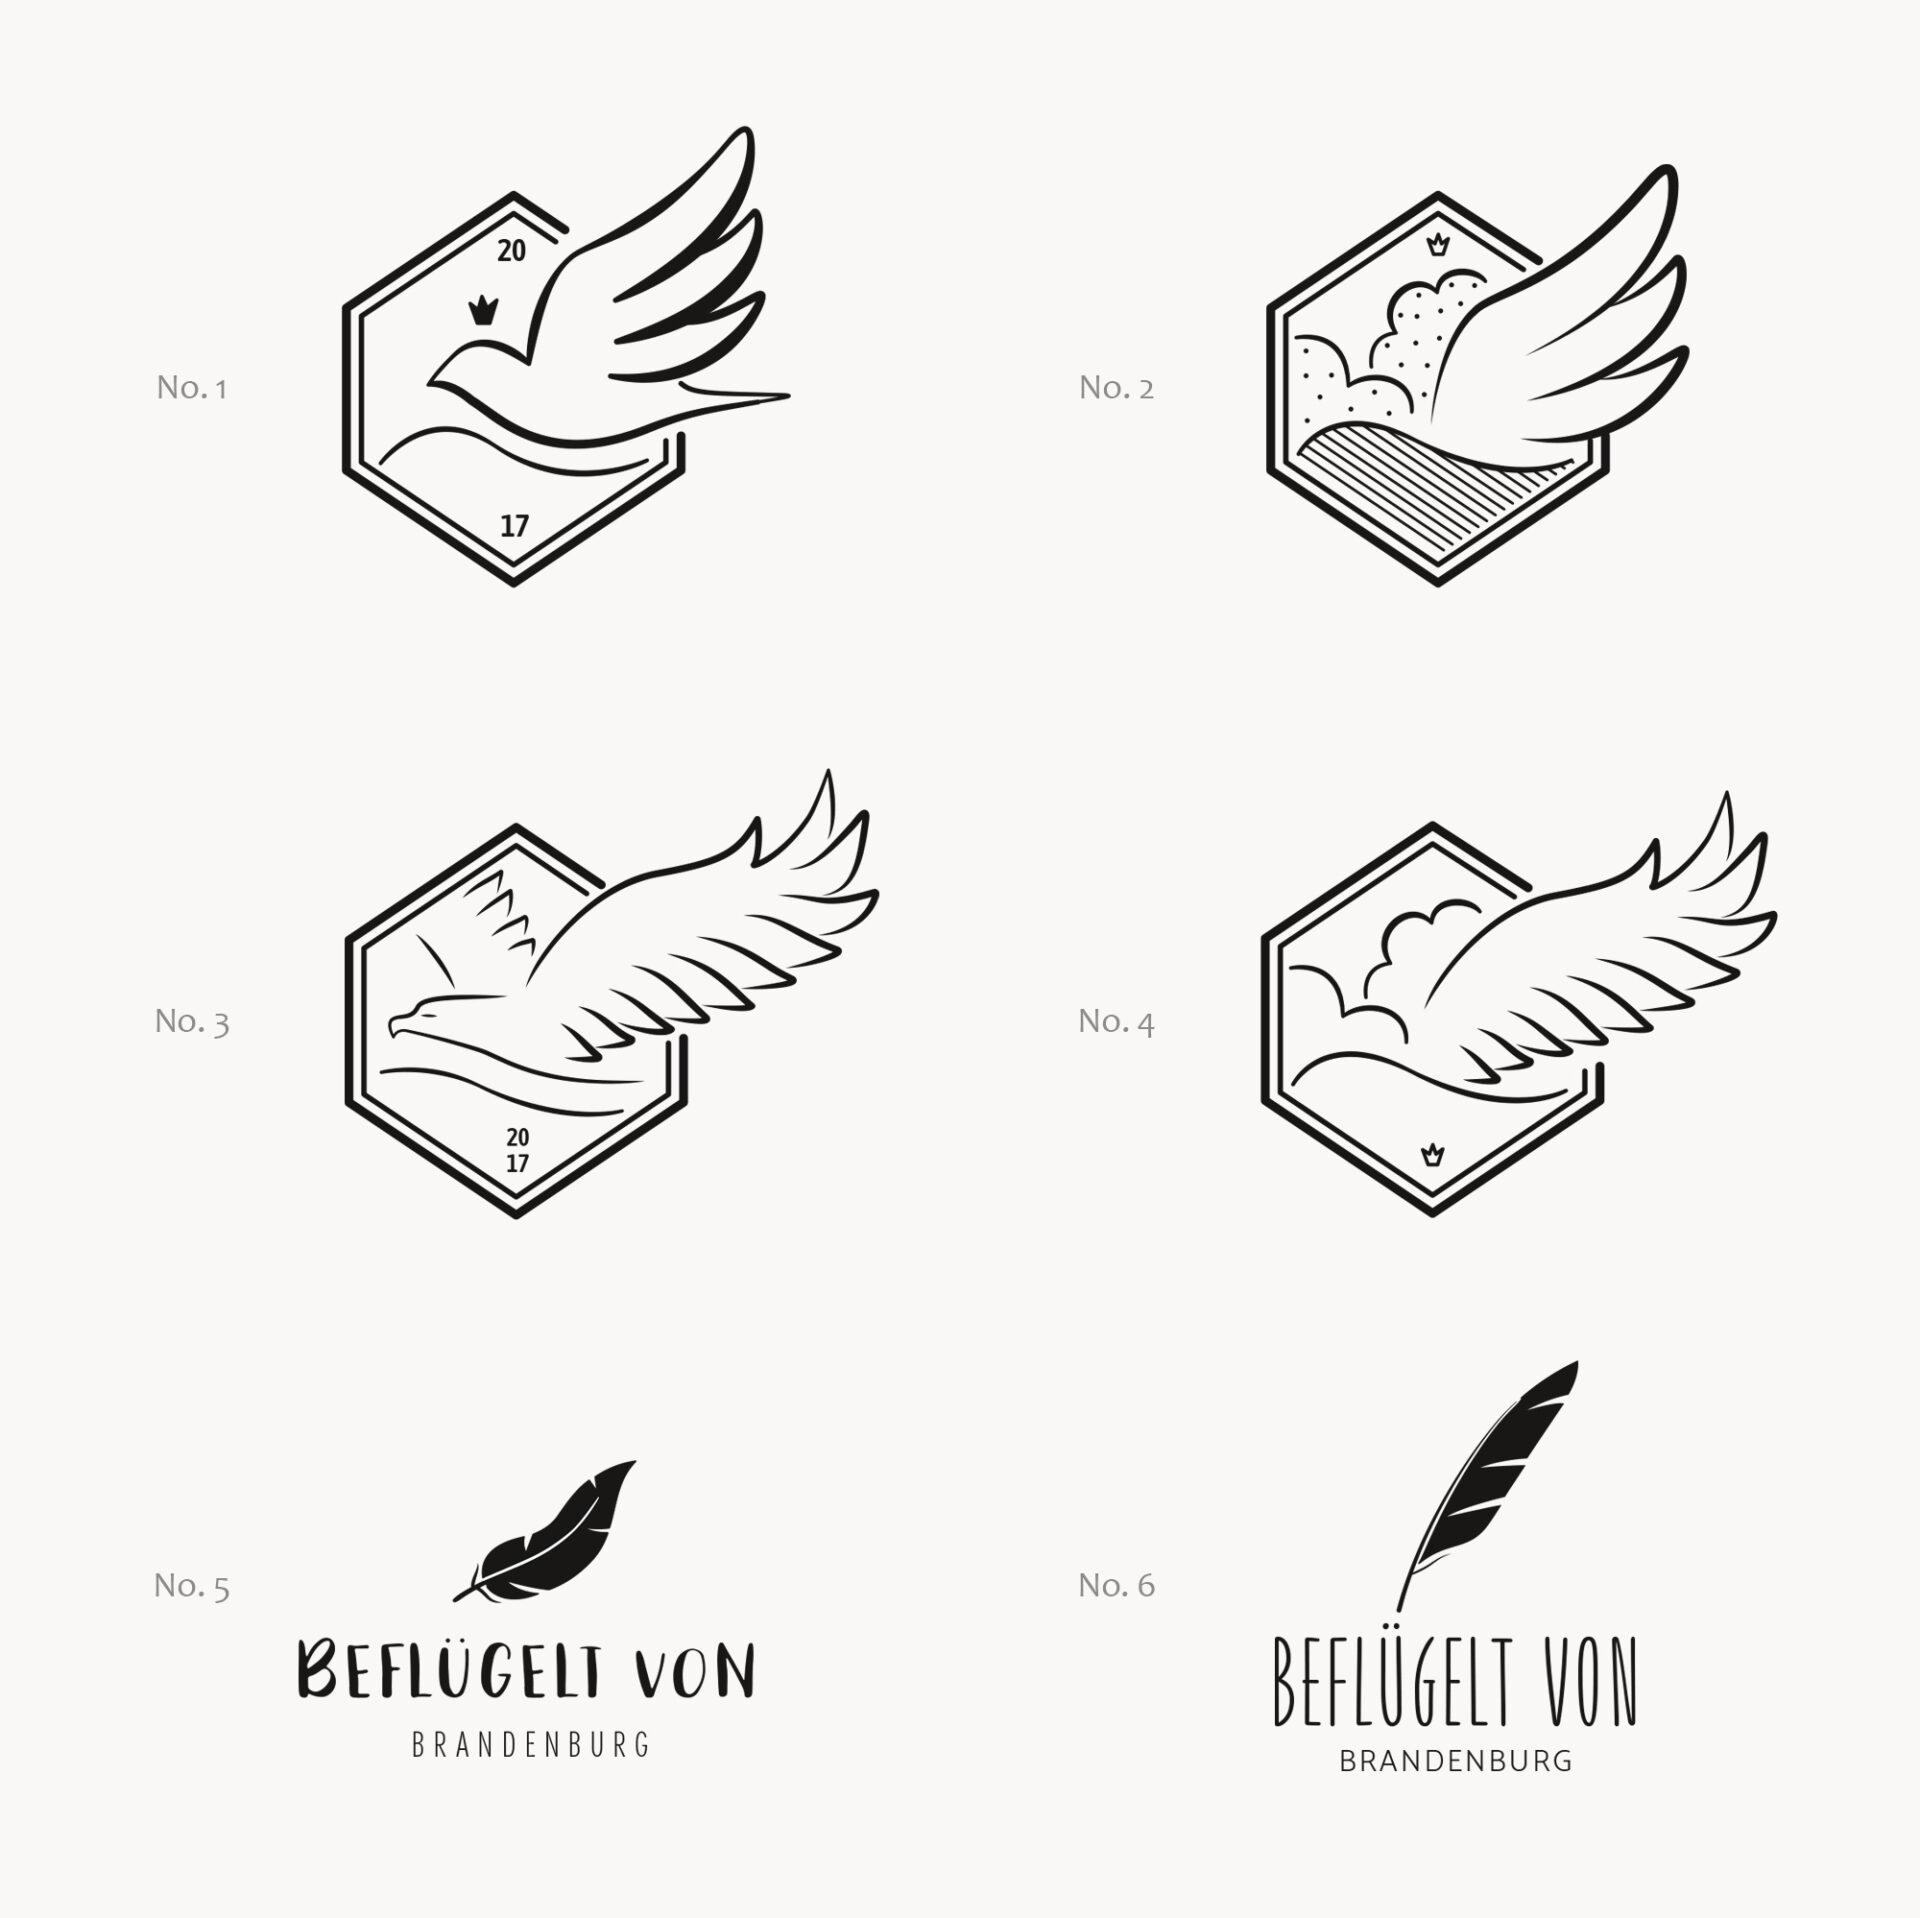 befluegelt-von_logo-3